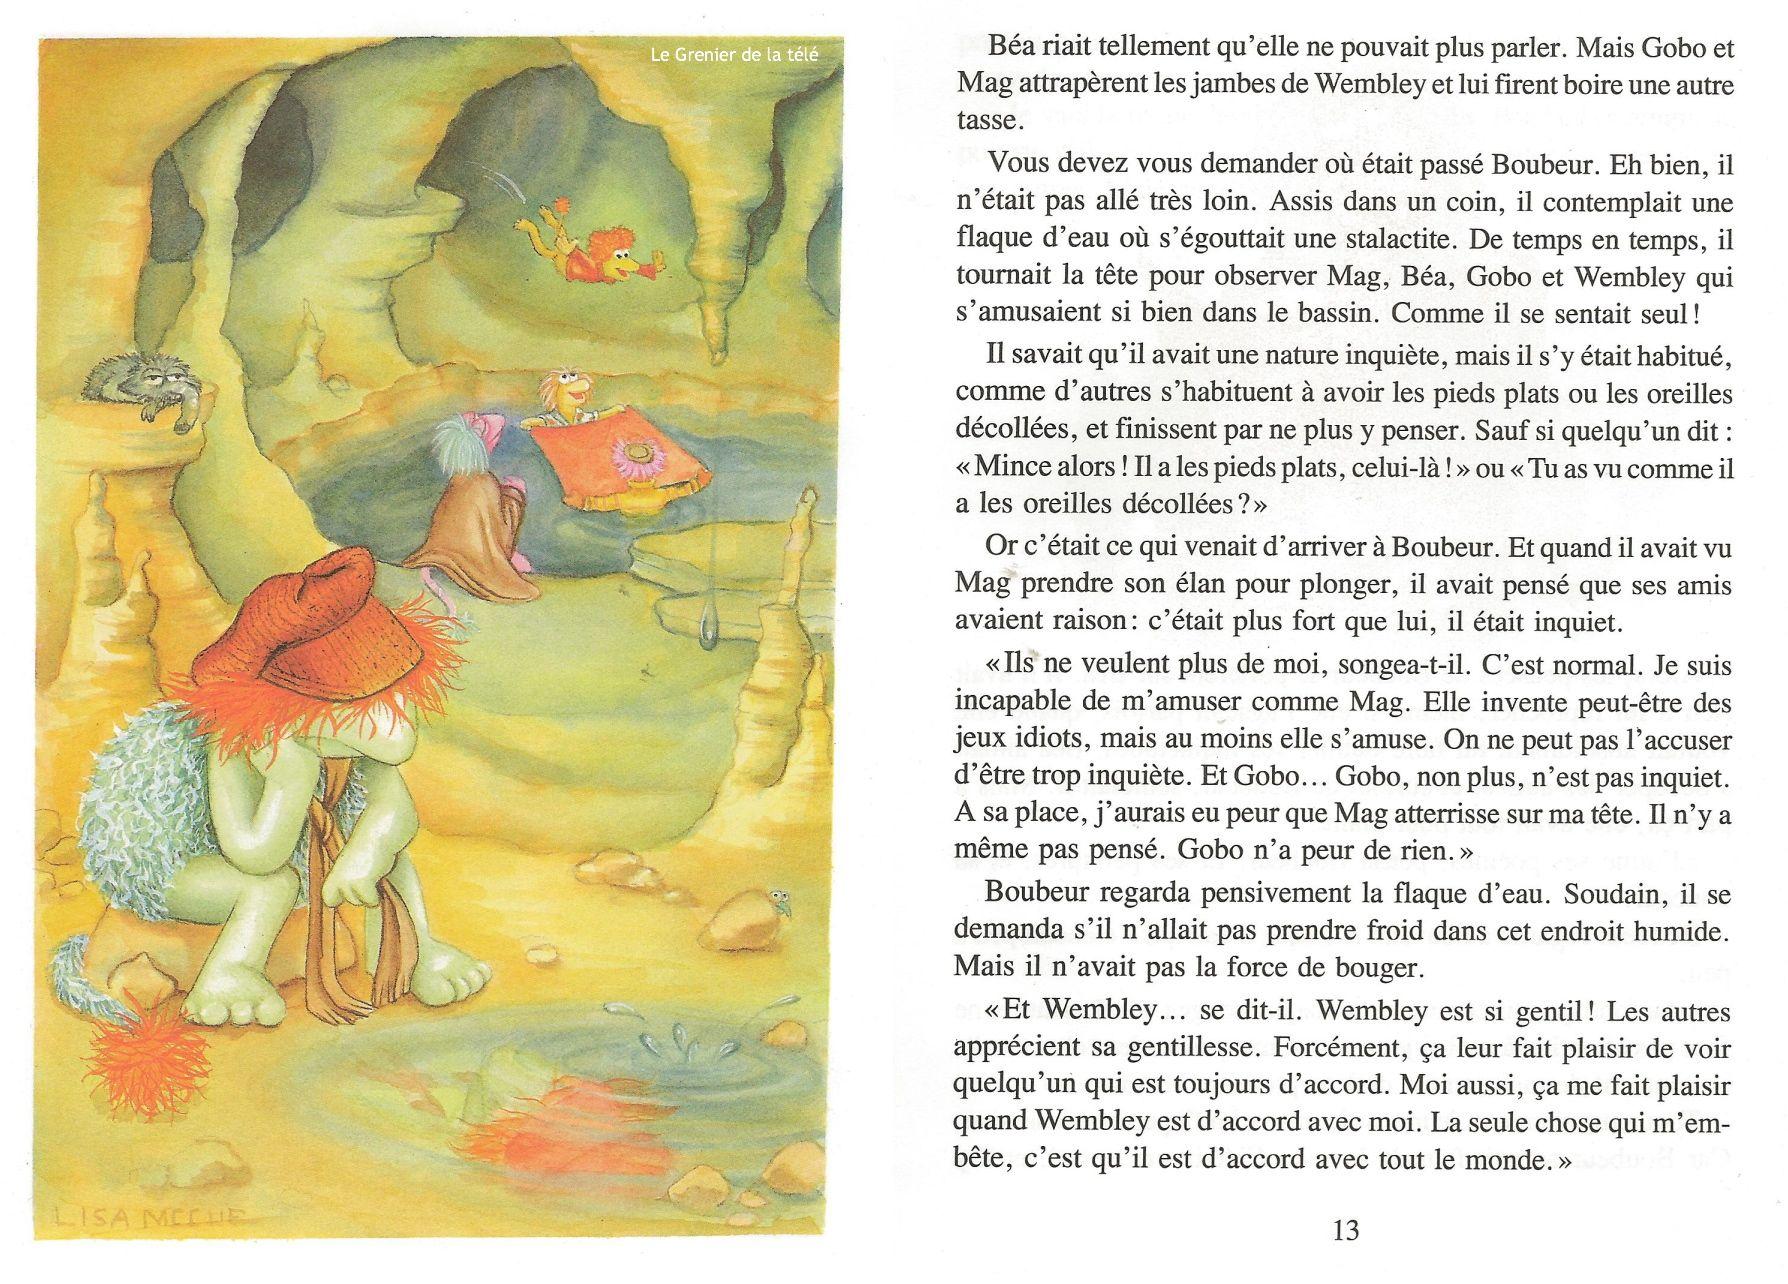 http://grenierdelatv.free.fr/2/fraggleboubeur07.jpg